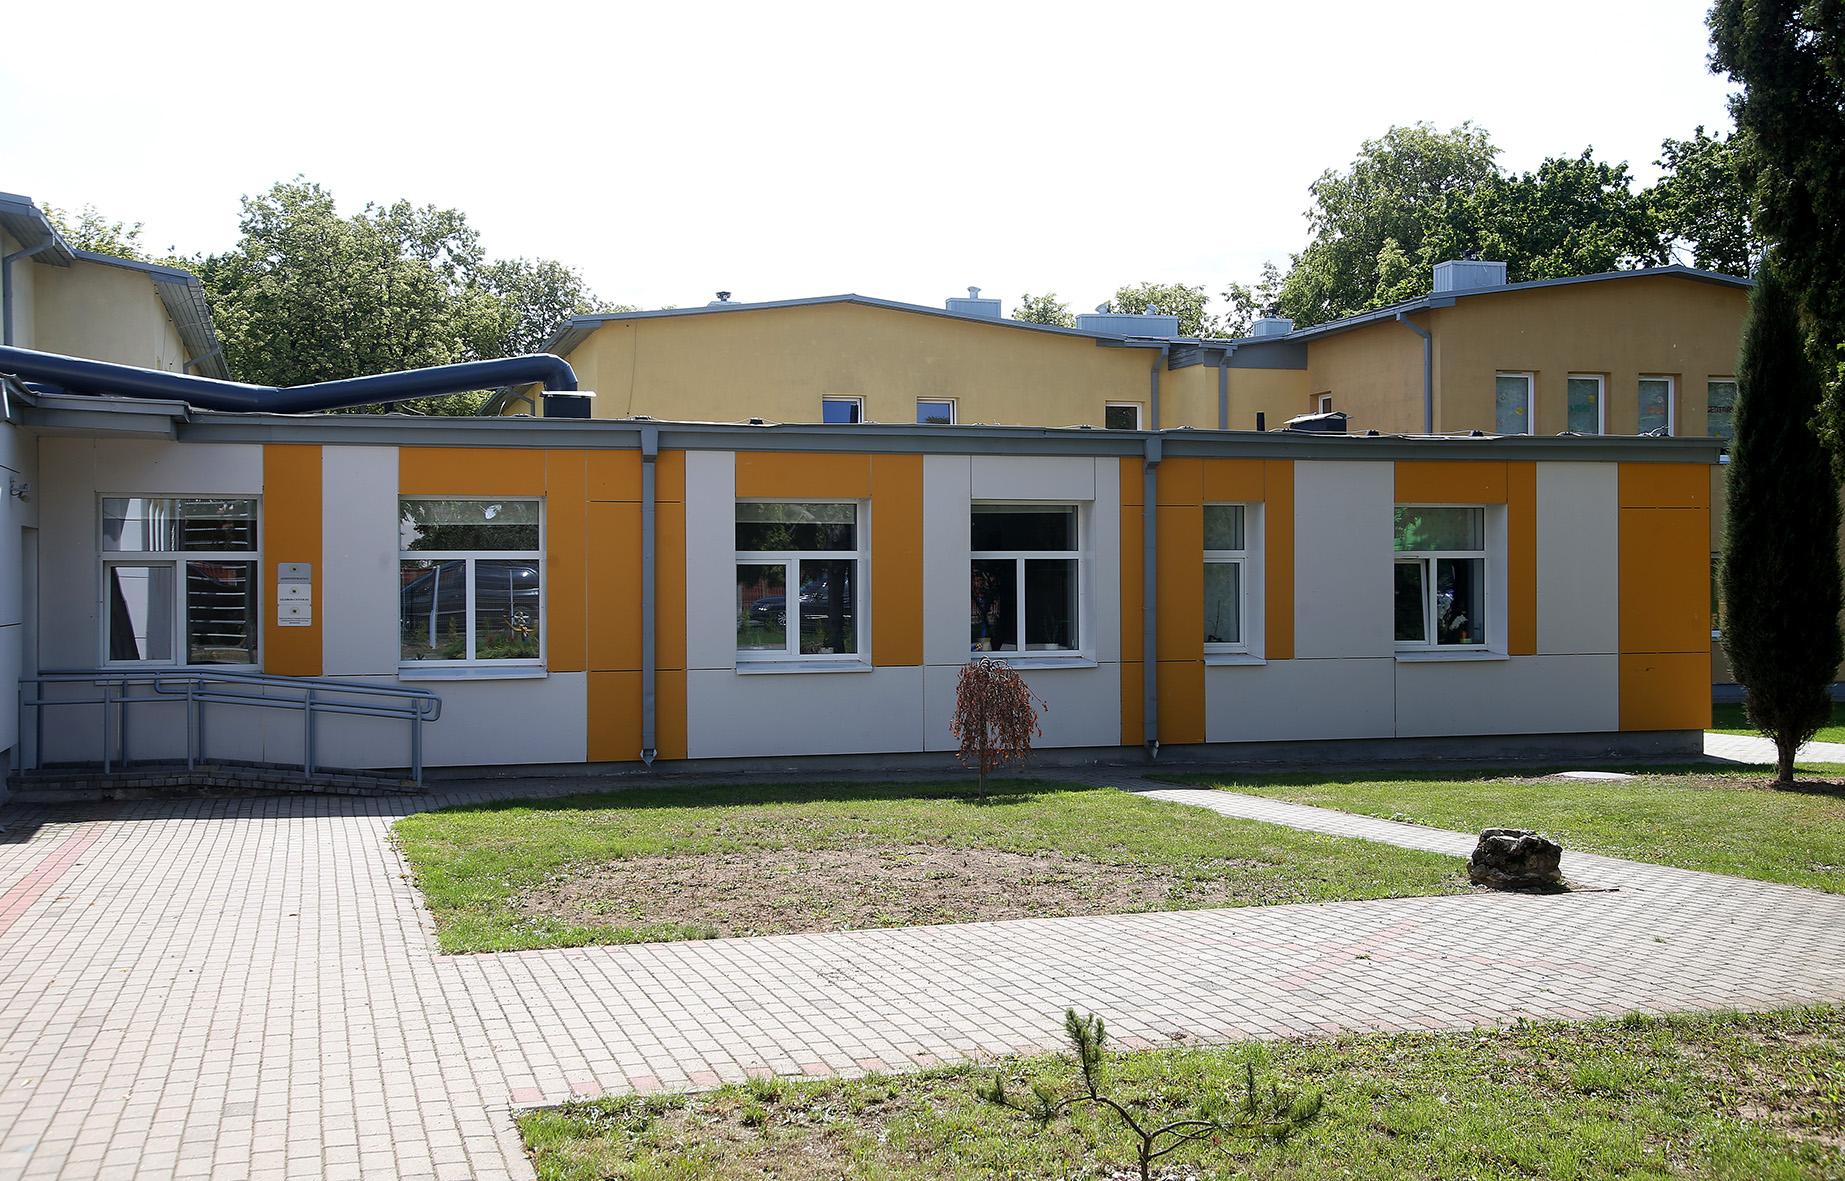 Kėdainių pagalbos šeimai centre veikia vaikų dienos centras, globos centras, laikino apgyvendinimo namai motinoms ir vaikams, vykdoma atvejo vadybos funkcija Kėdainių r. savivaldybės mastu, vyksta socialinis darbas su šeimomis, vykdomas Kompleksinių paslaugų šeimai teikimo projektas Bendruomeniniuose šeimos namuose, bendradarbiaujant su Kėdainių moterų krizių centru.